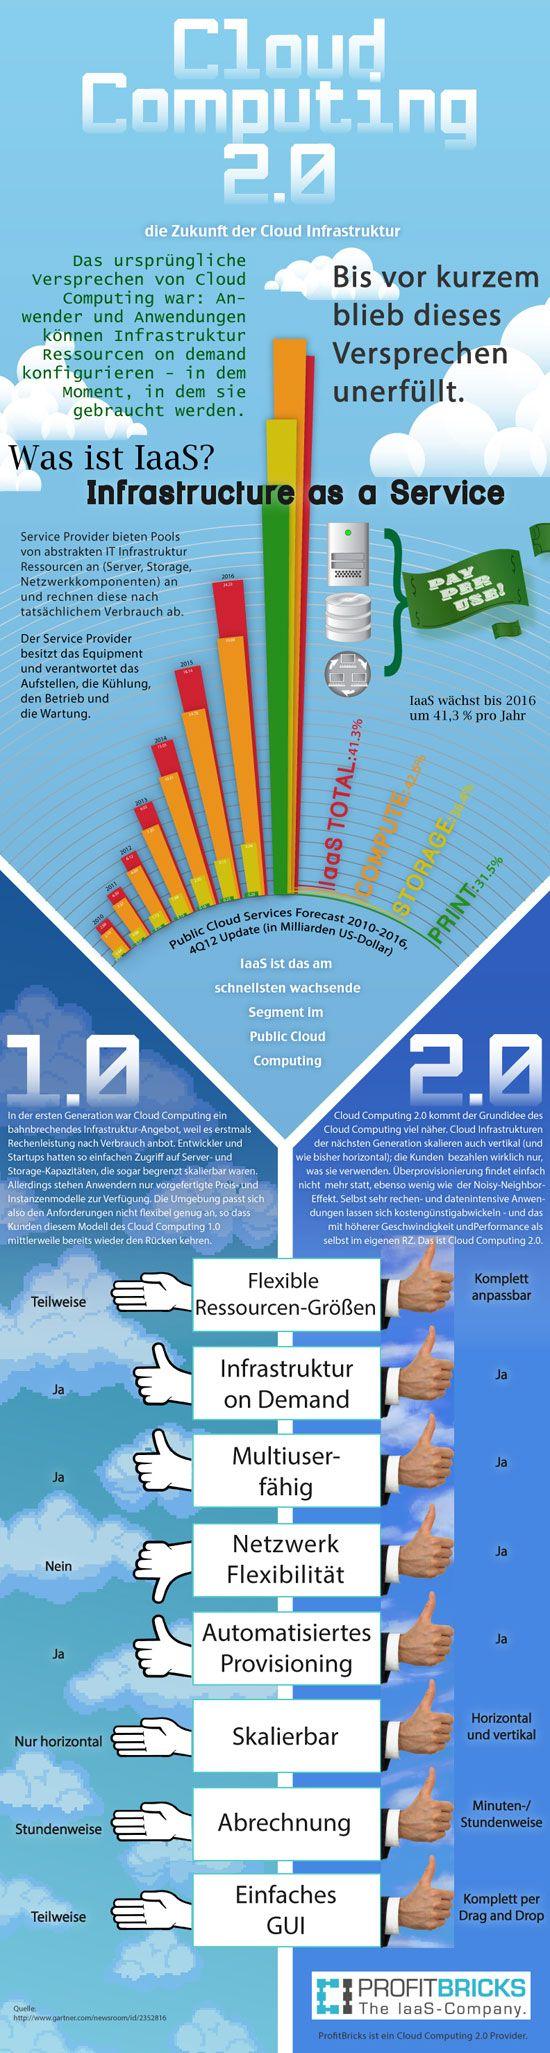 Cloud Computing 2.0 die Zukunft der Cloud Infrastruktur